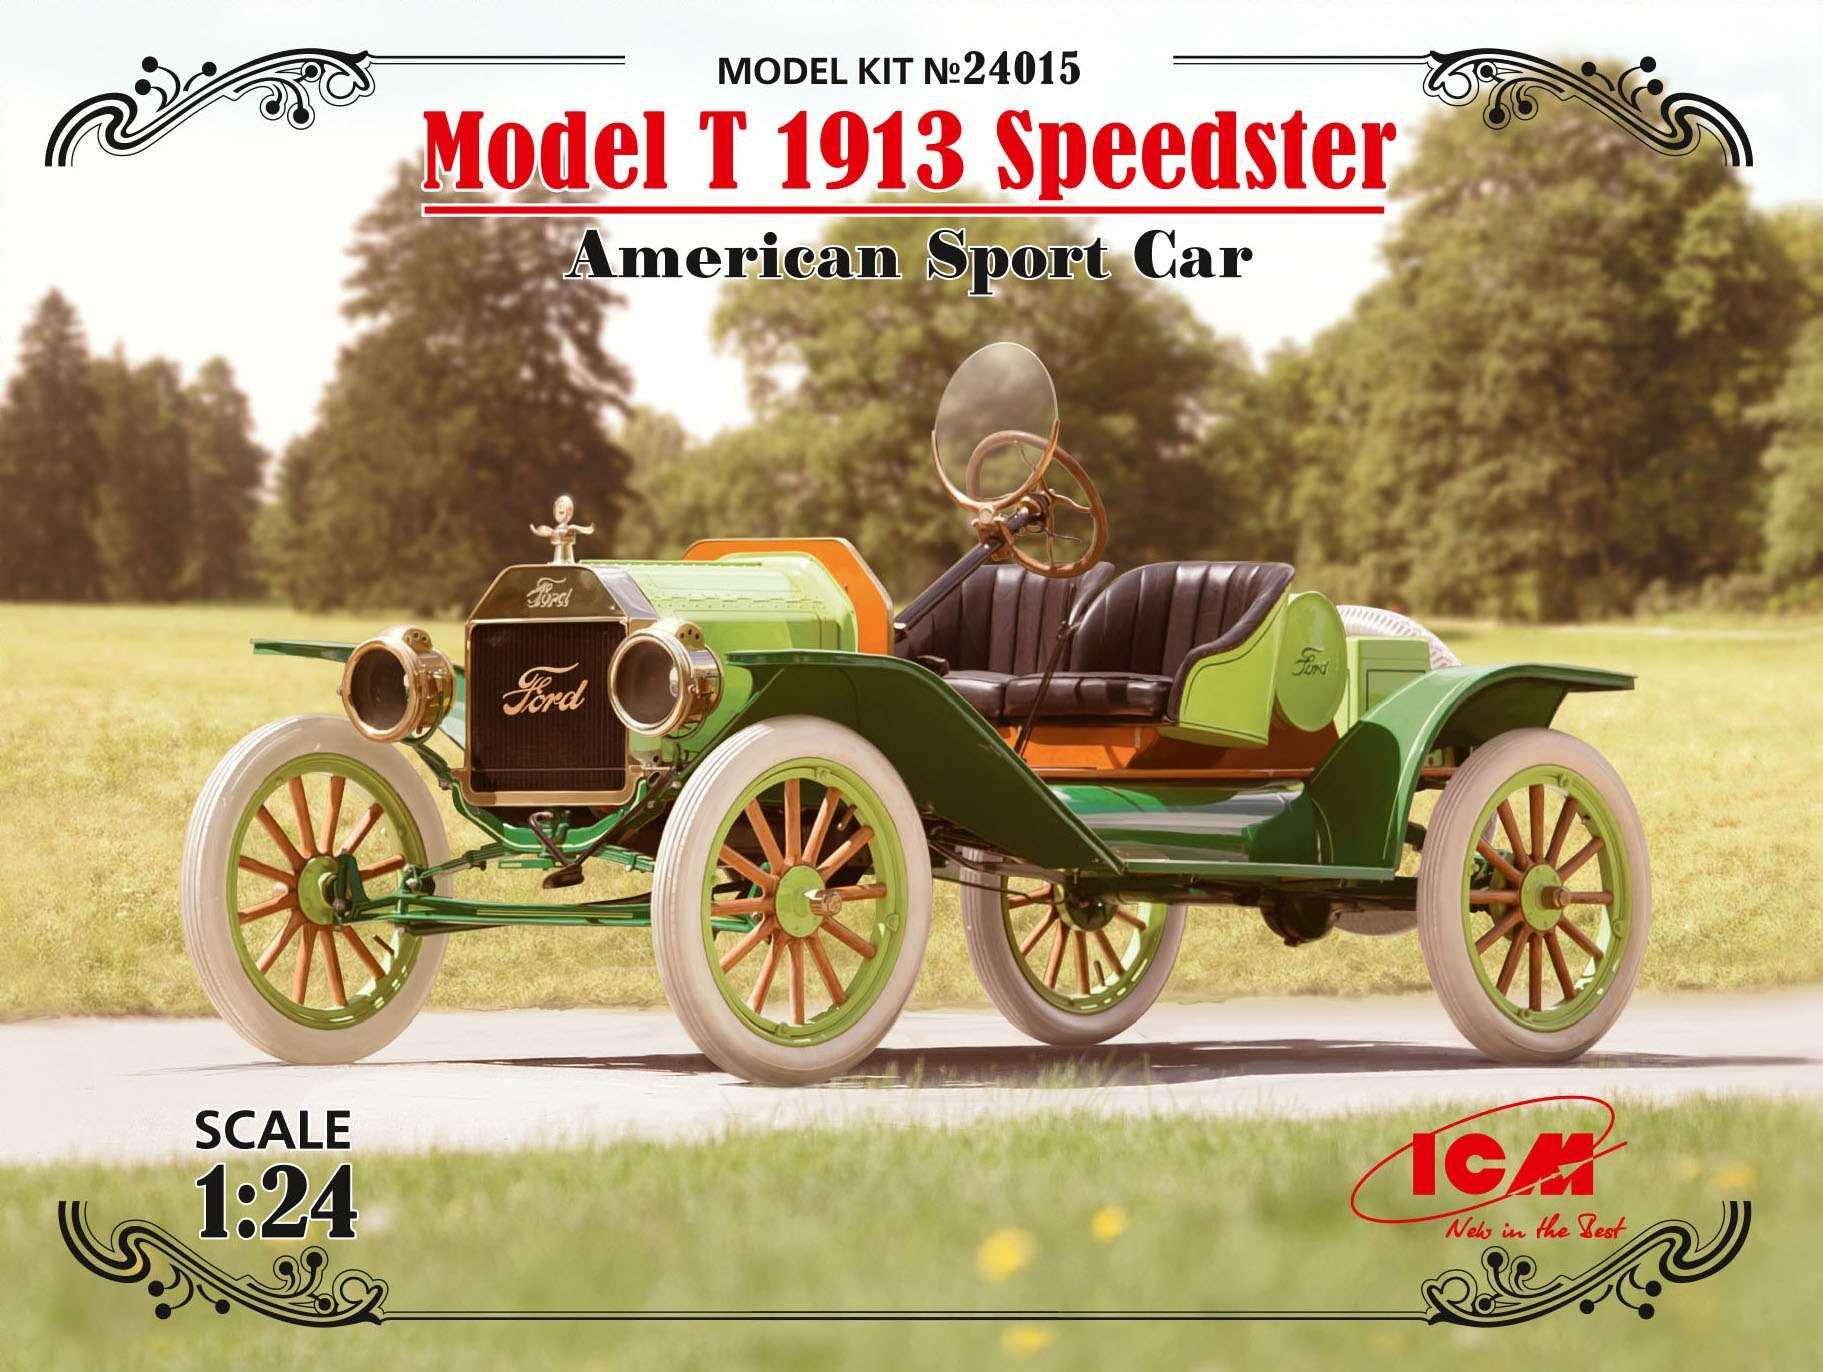 Maquette de voiture - Modèle T 1913 Speedster, voiture de sport améric